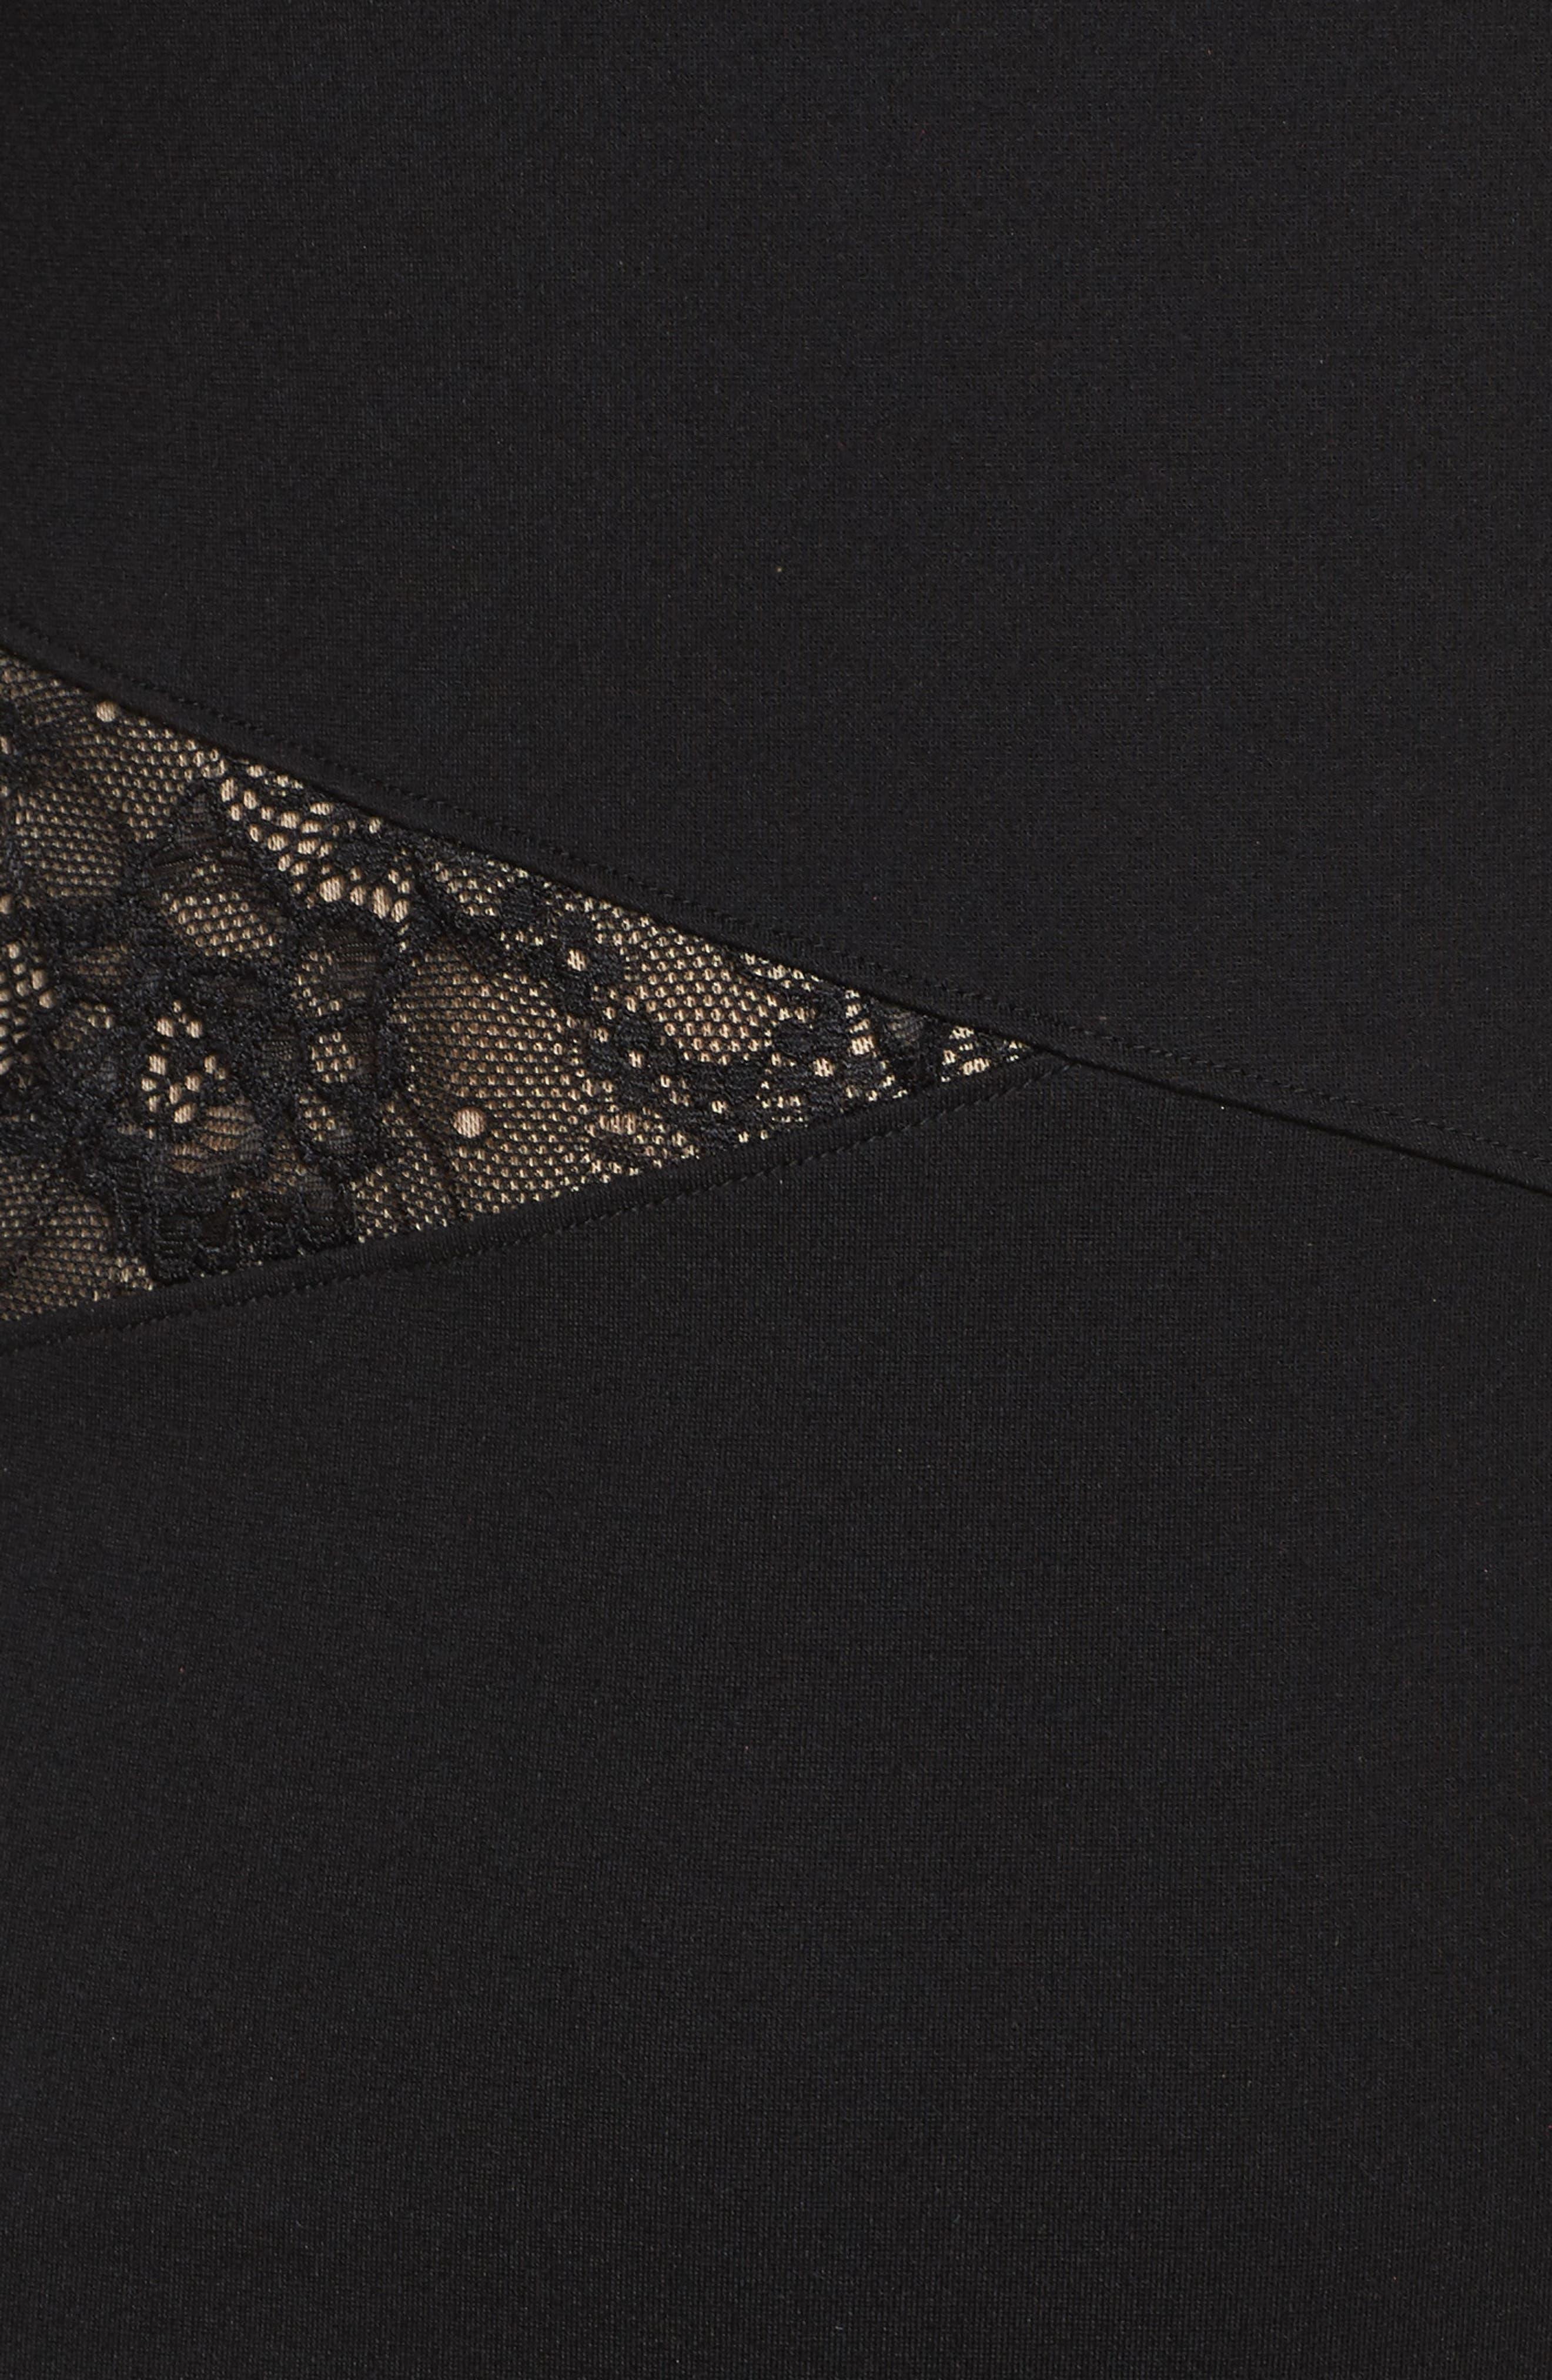 L'Arc Ponte Knit Fit & Flare Dress,                             Alternate thumbnail 5, color,